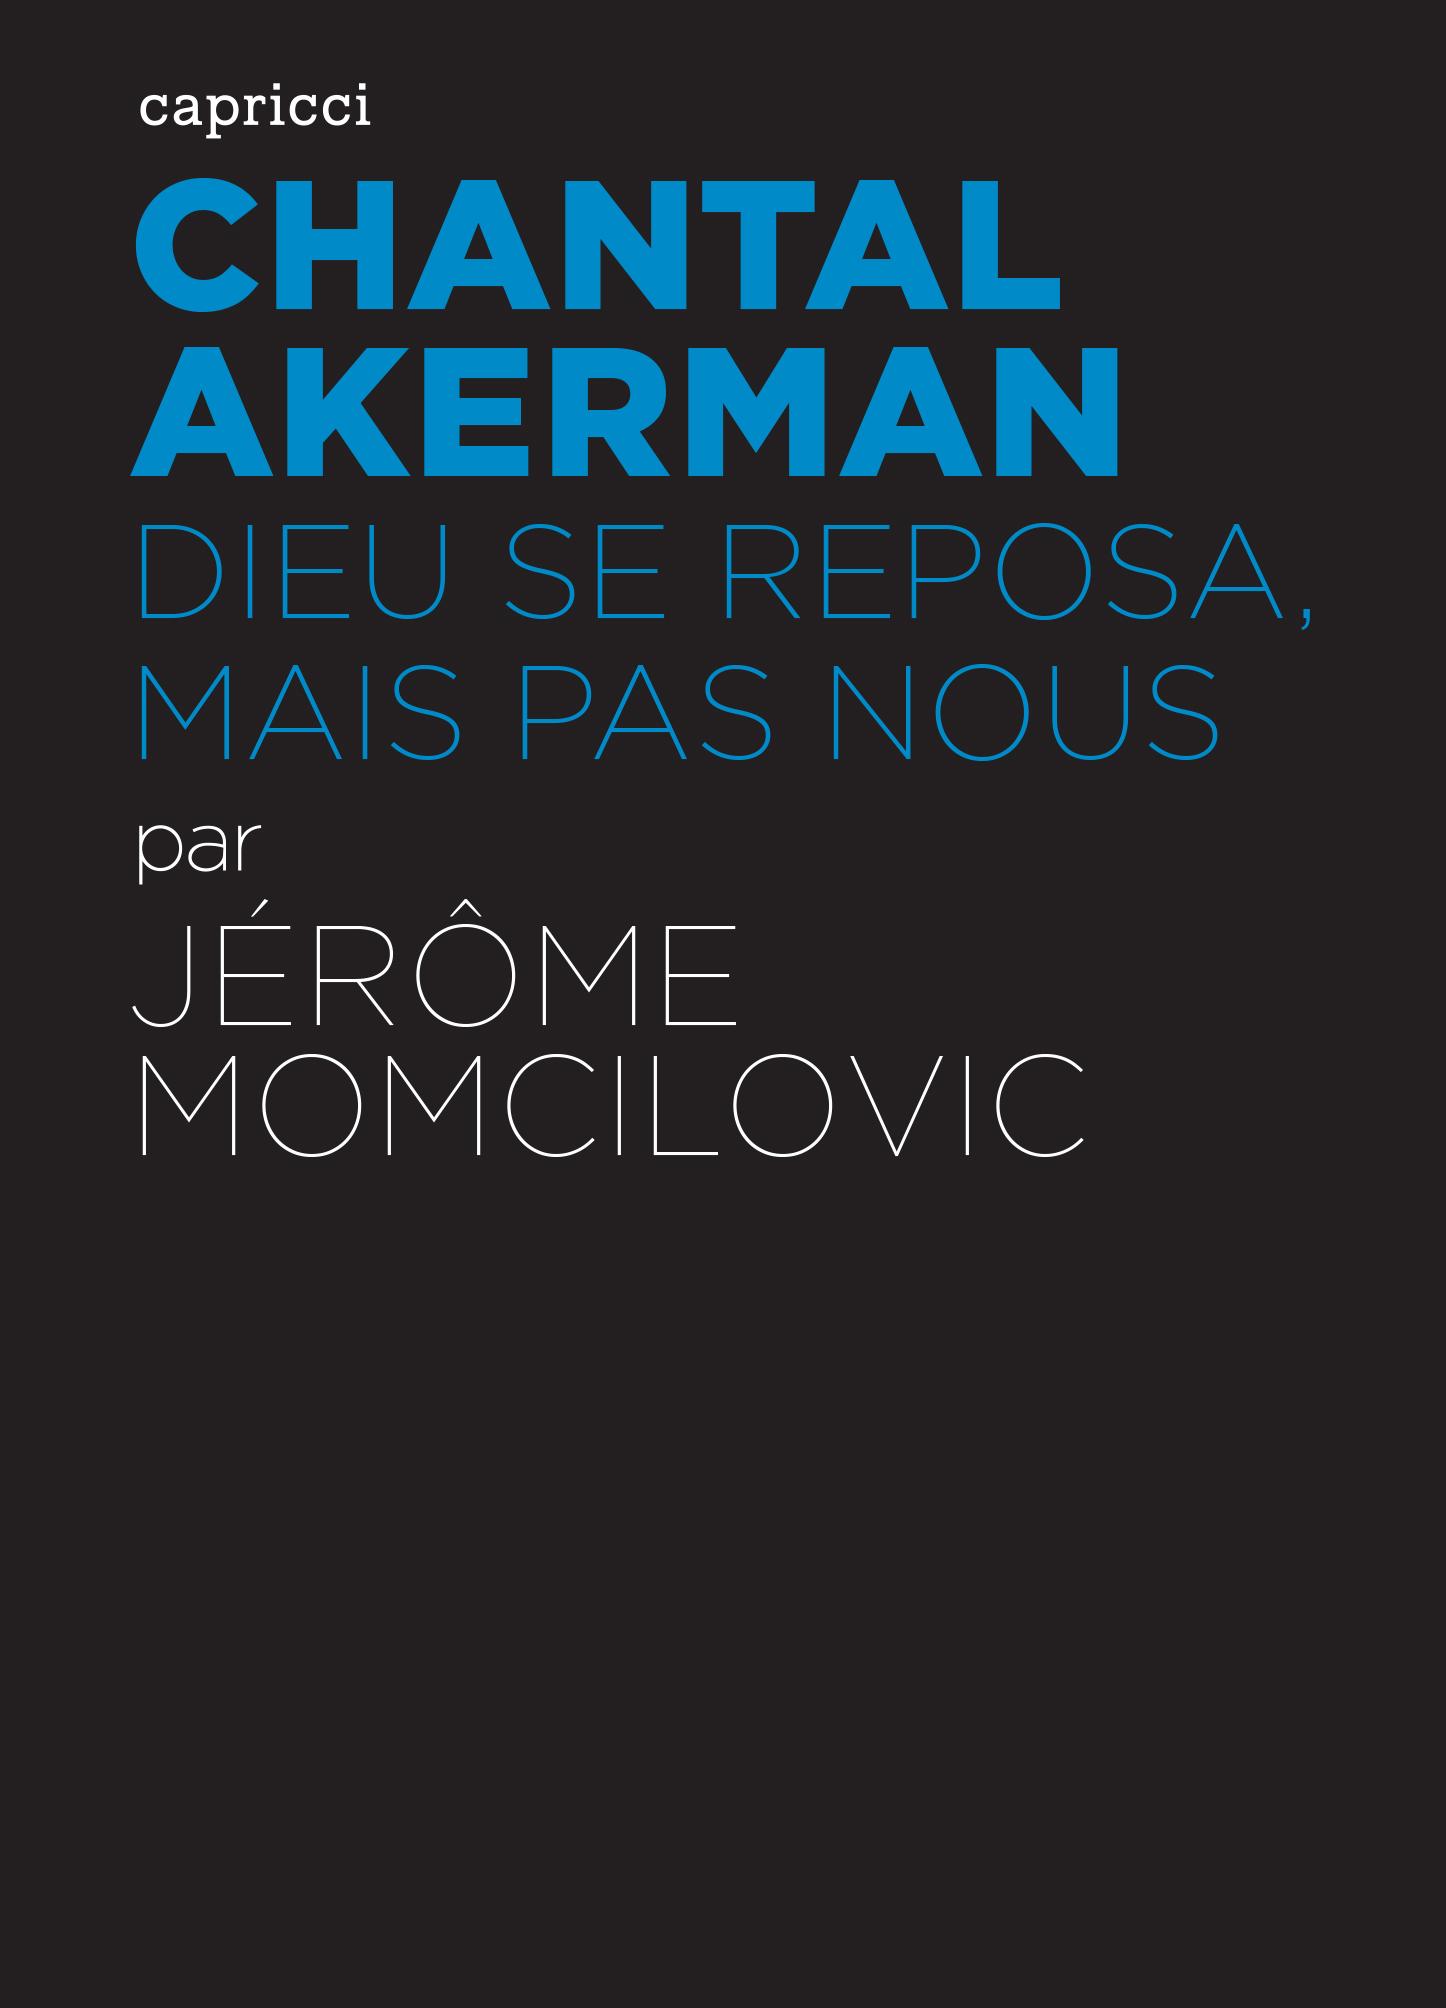 Chantal Akerman - Dieu se r...